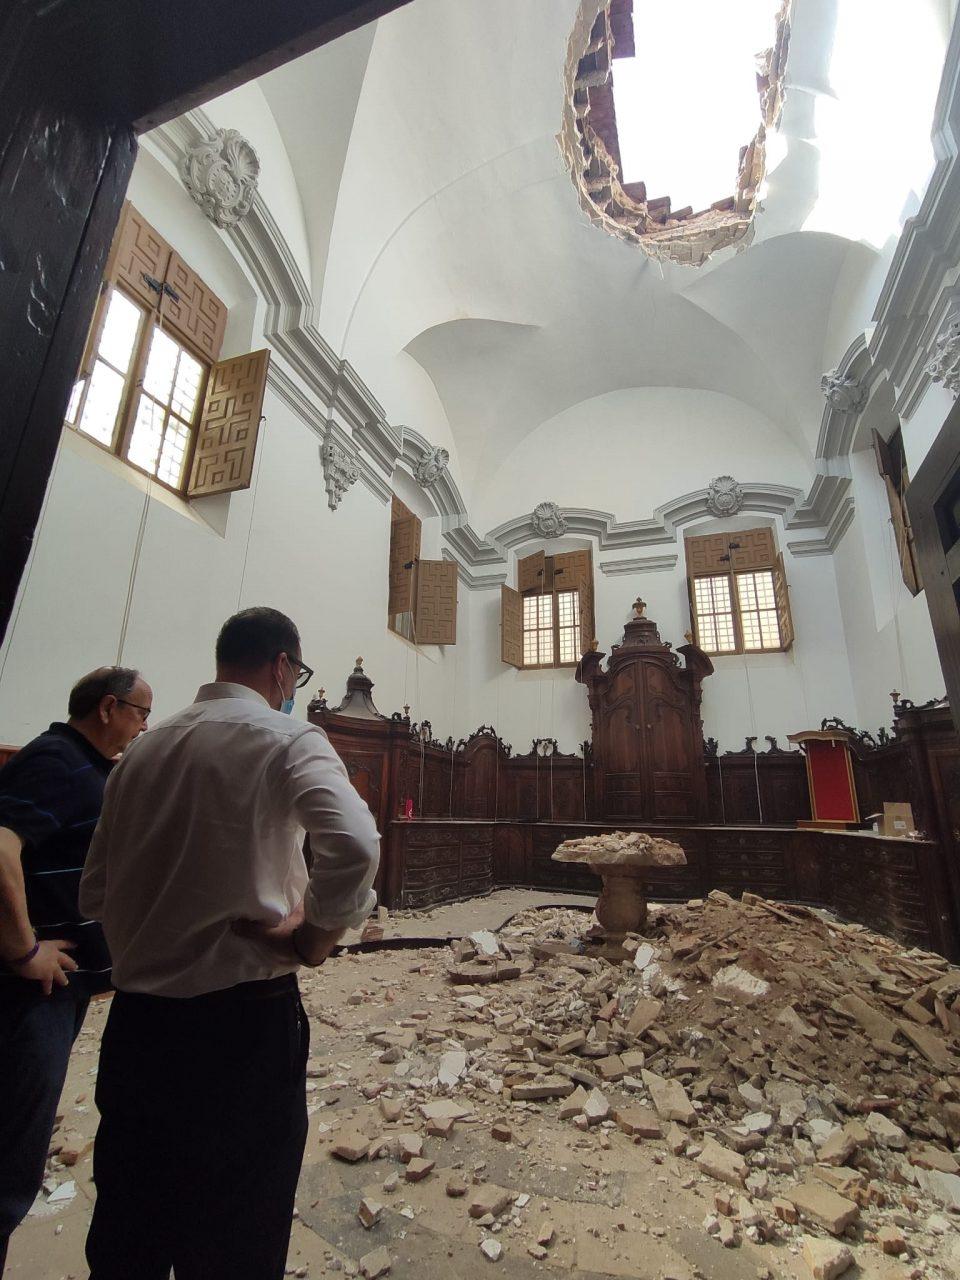 Se derrumba la sacristía de la Iglesia Santas Justa y Rufina de Orihuela 6